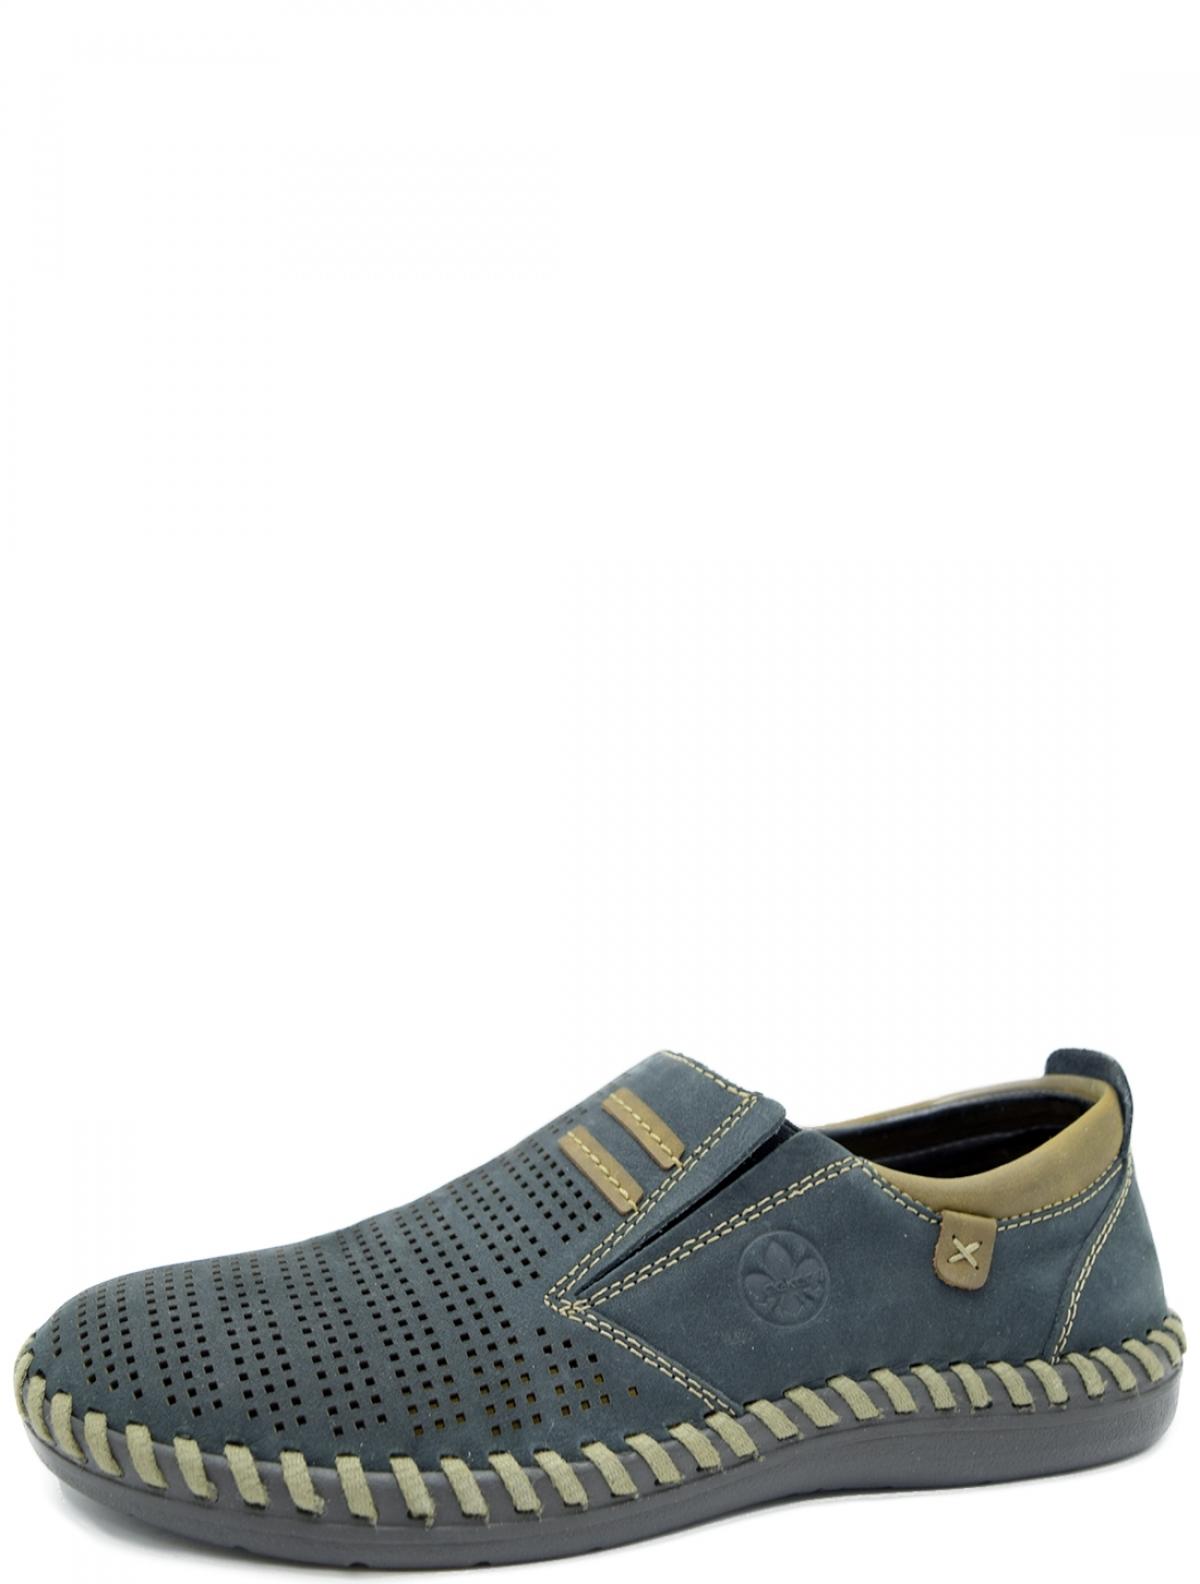 Rieker B2477-14 мужские туфли